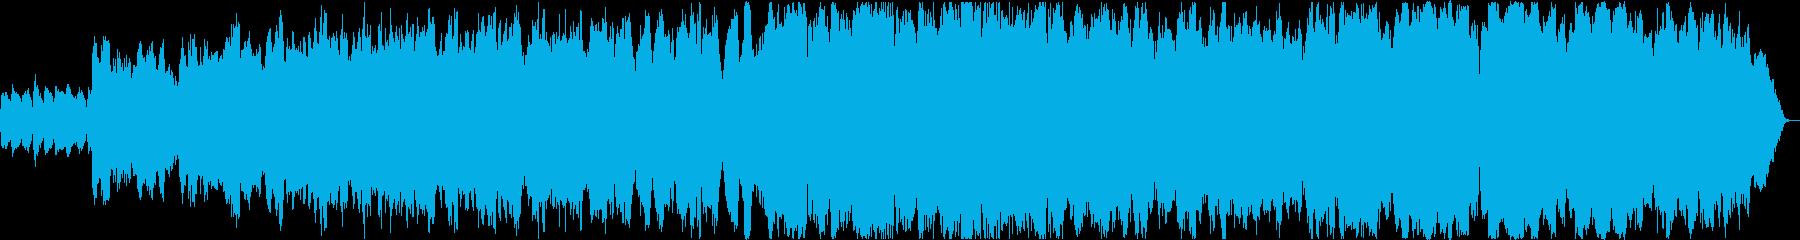 パッヘルベルのカノン/パッヘルベルの再生済みの波形